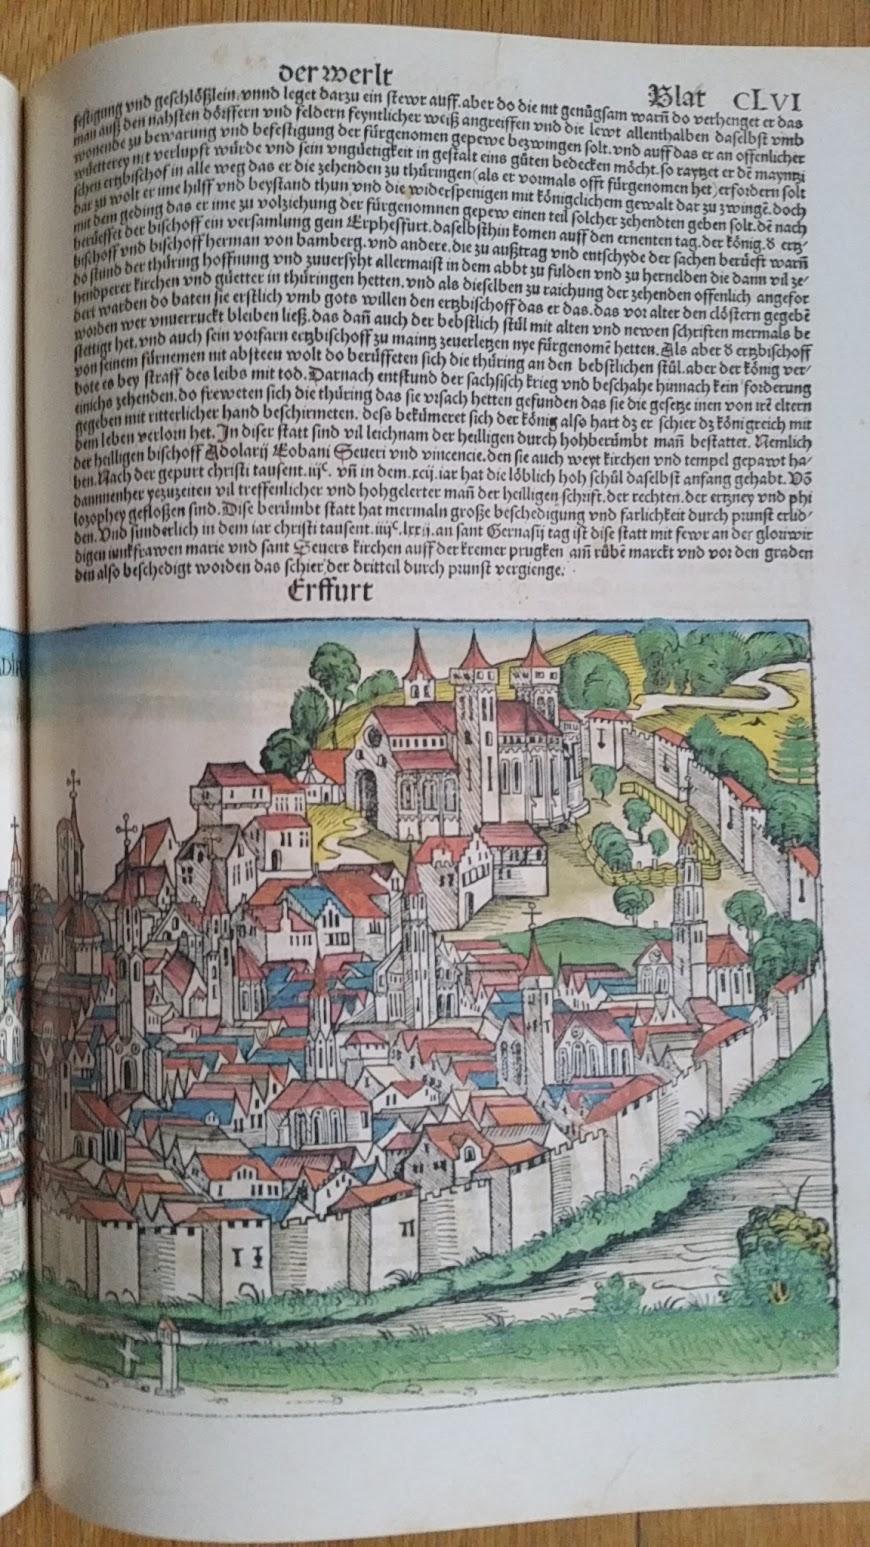 Hartmann Schedel - Weltchronik 1493 - Erfurt